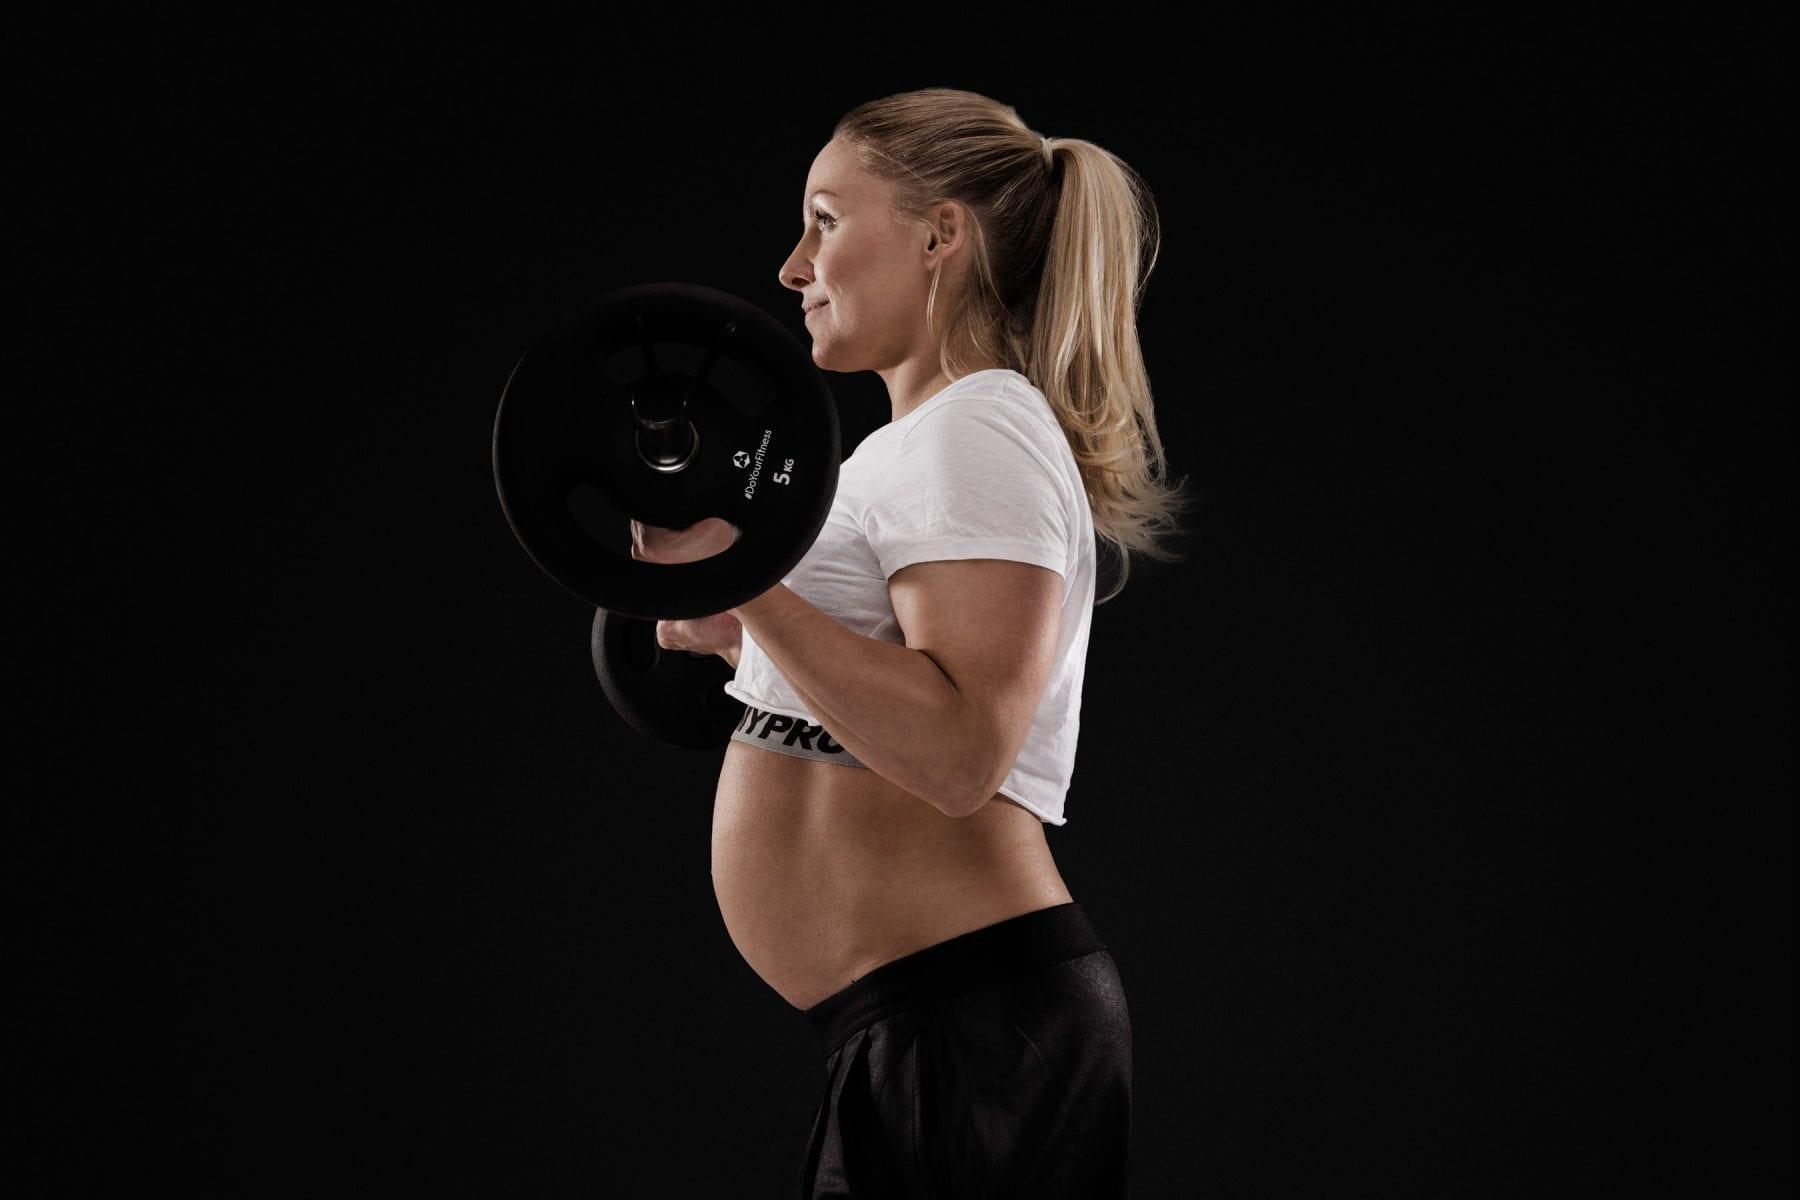 Yavi_Moves - Sport in der Schwangerschaft